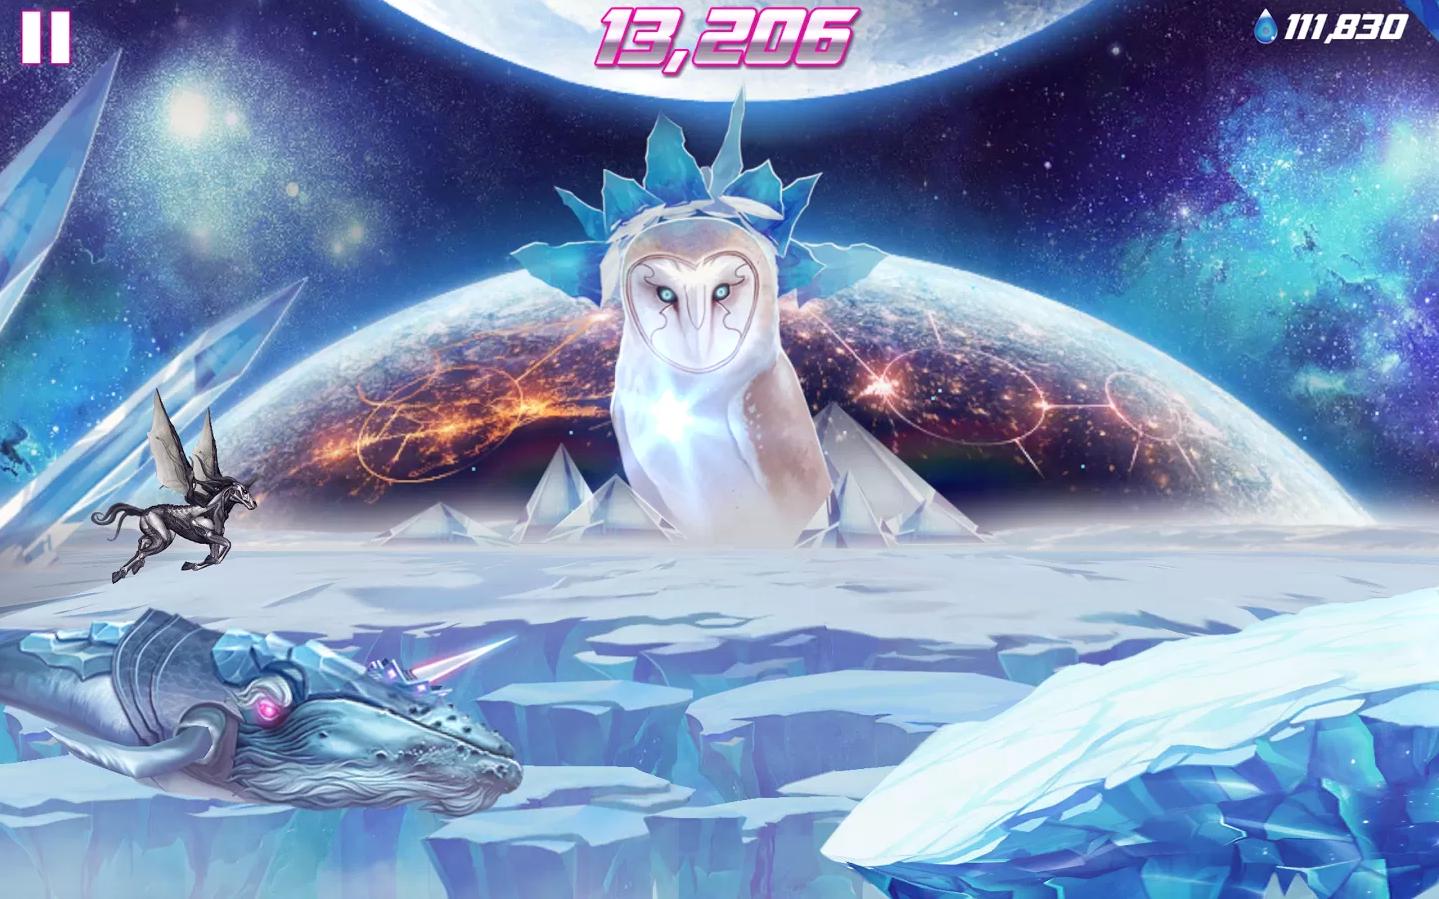 Внезапно! Robot unicorn Attack 2 восхитителен! Посмотрите на графику— Бредбериевские пейзажи, над которыми летит гиг .... - Изображение 1